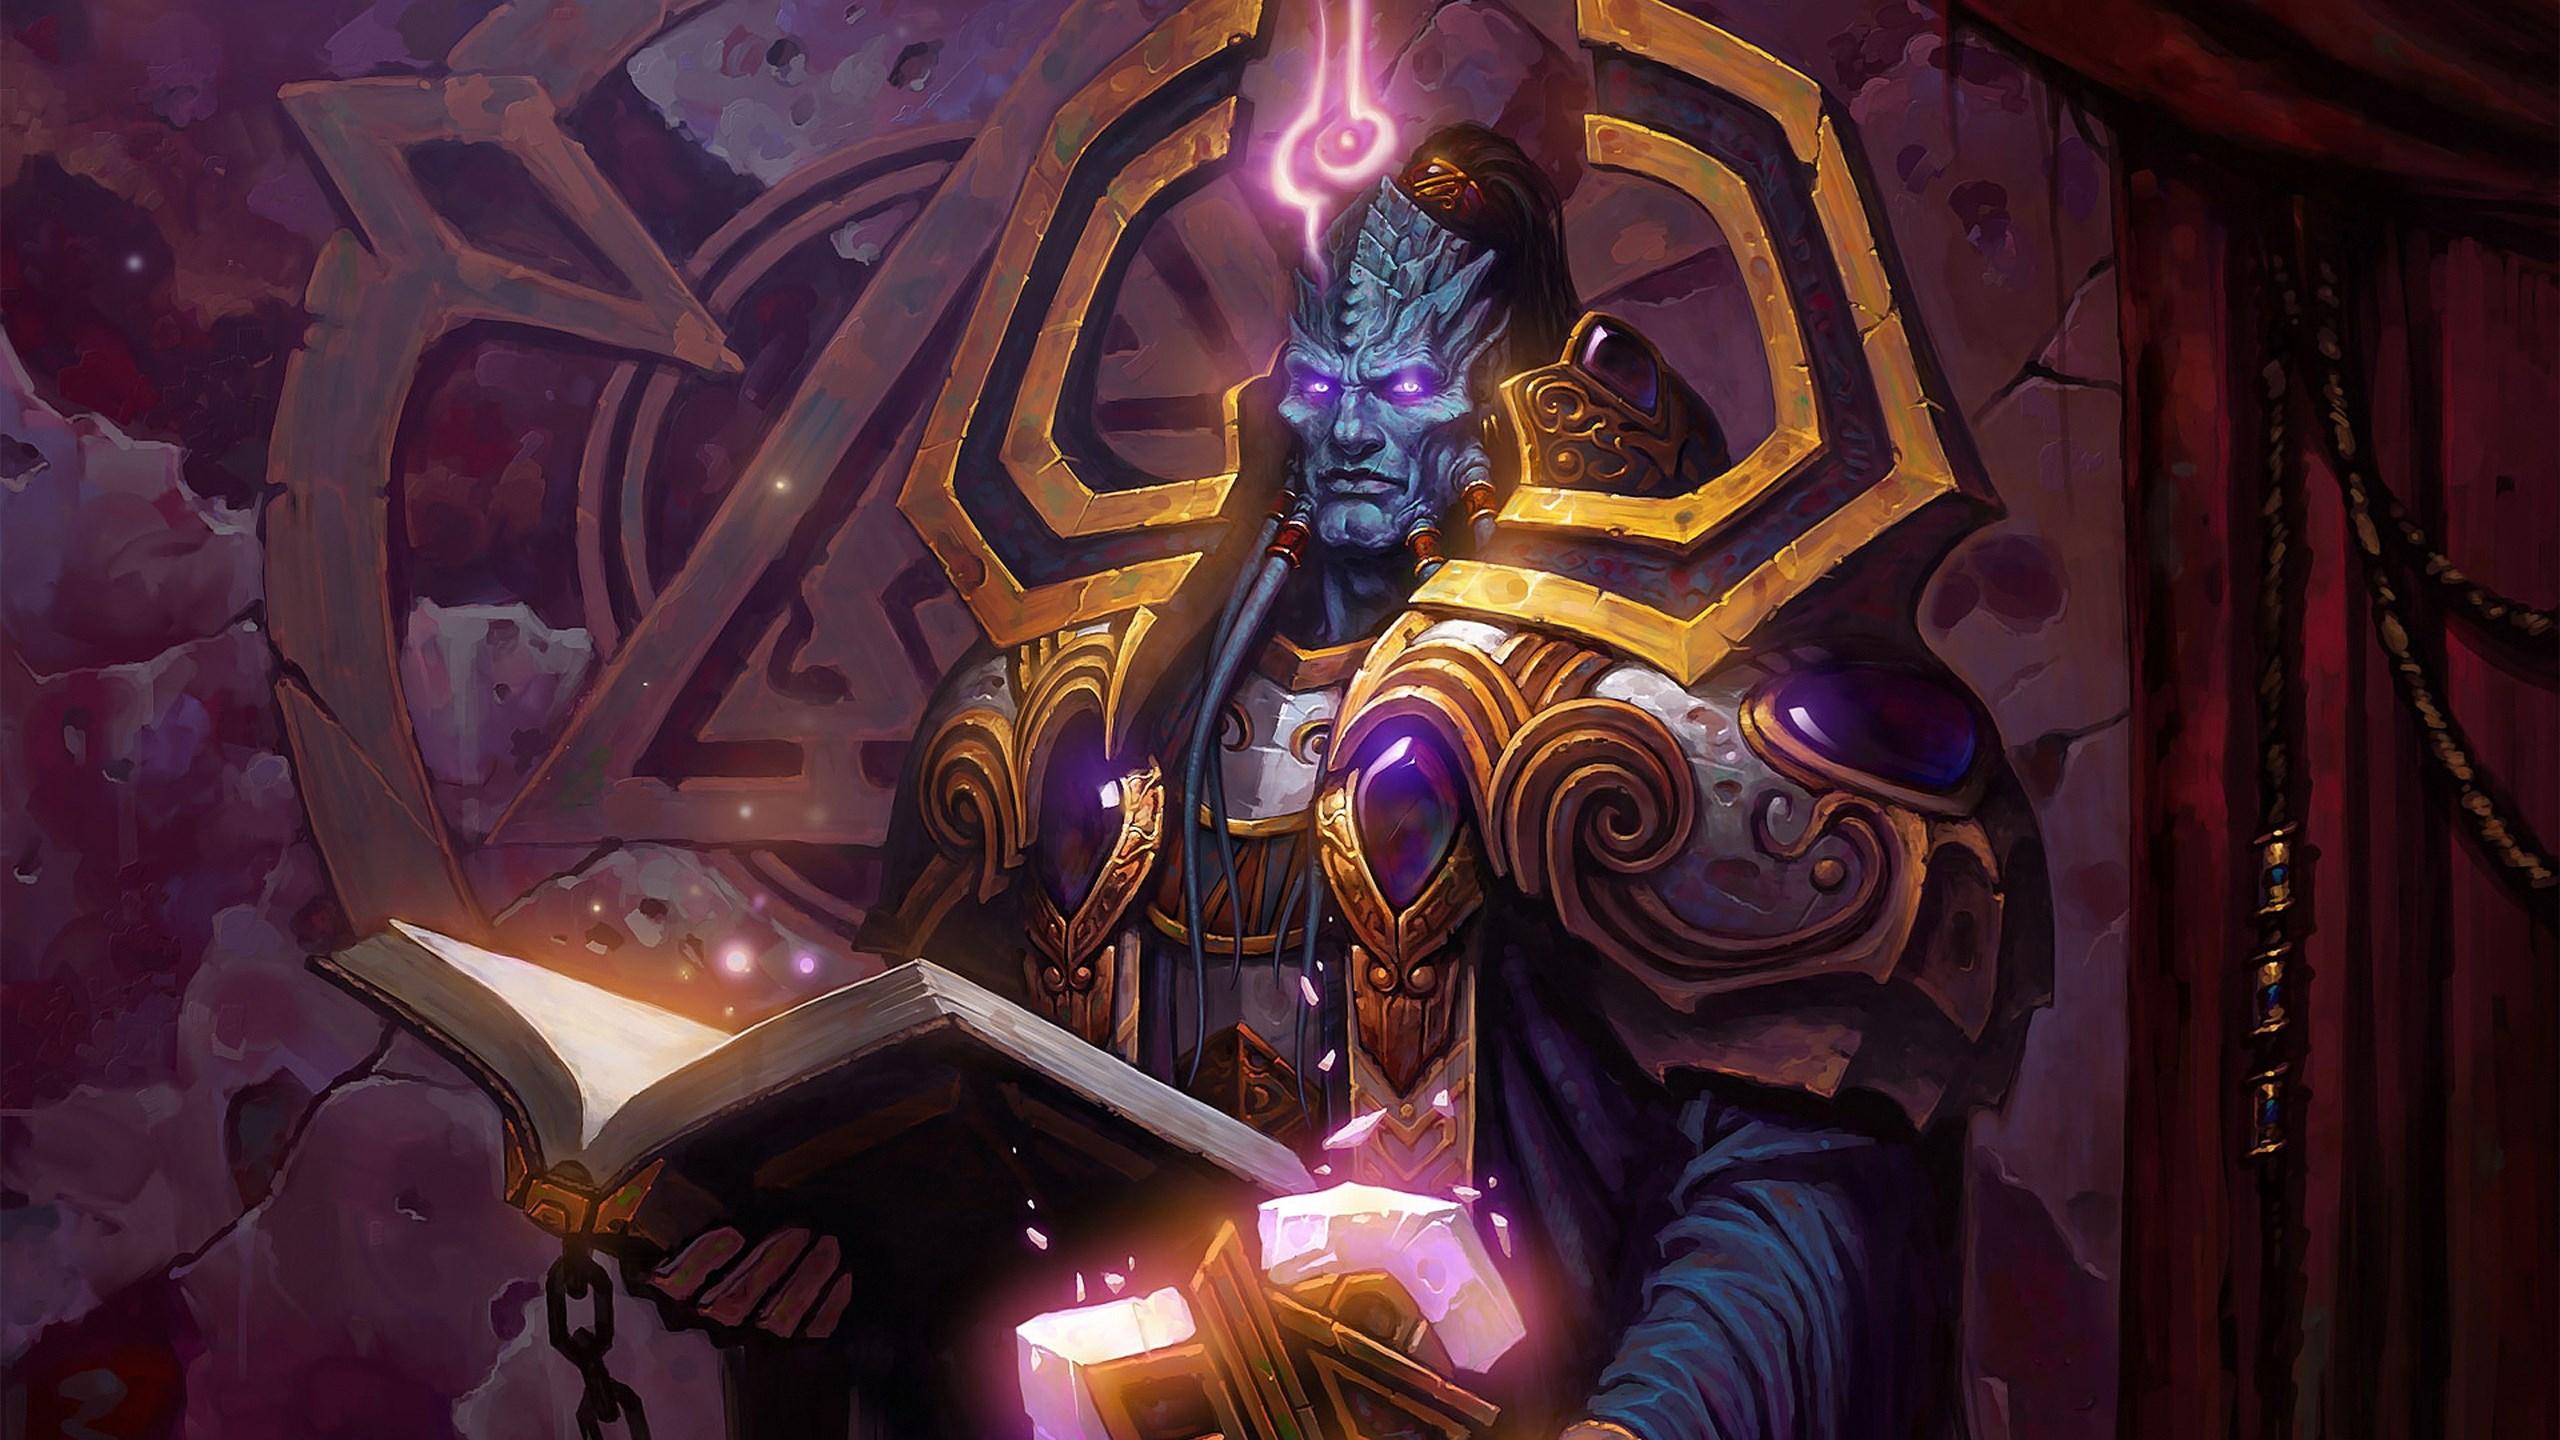 游戏壁纸,魔兽世界,魔法书,锁链,封印,恶魔